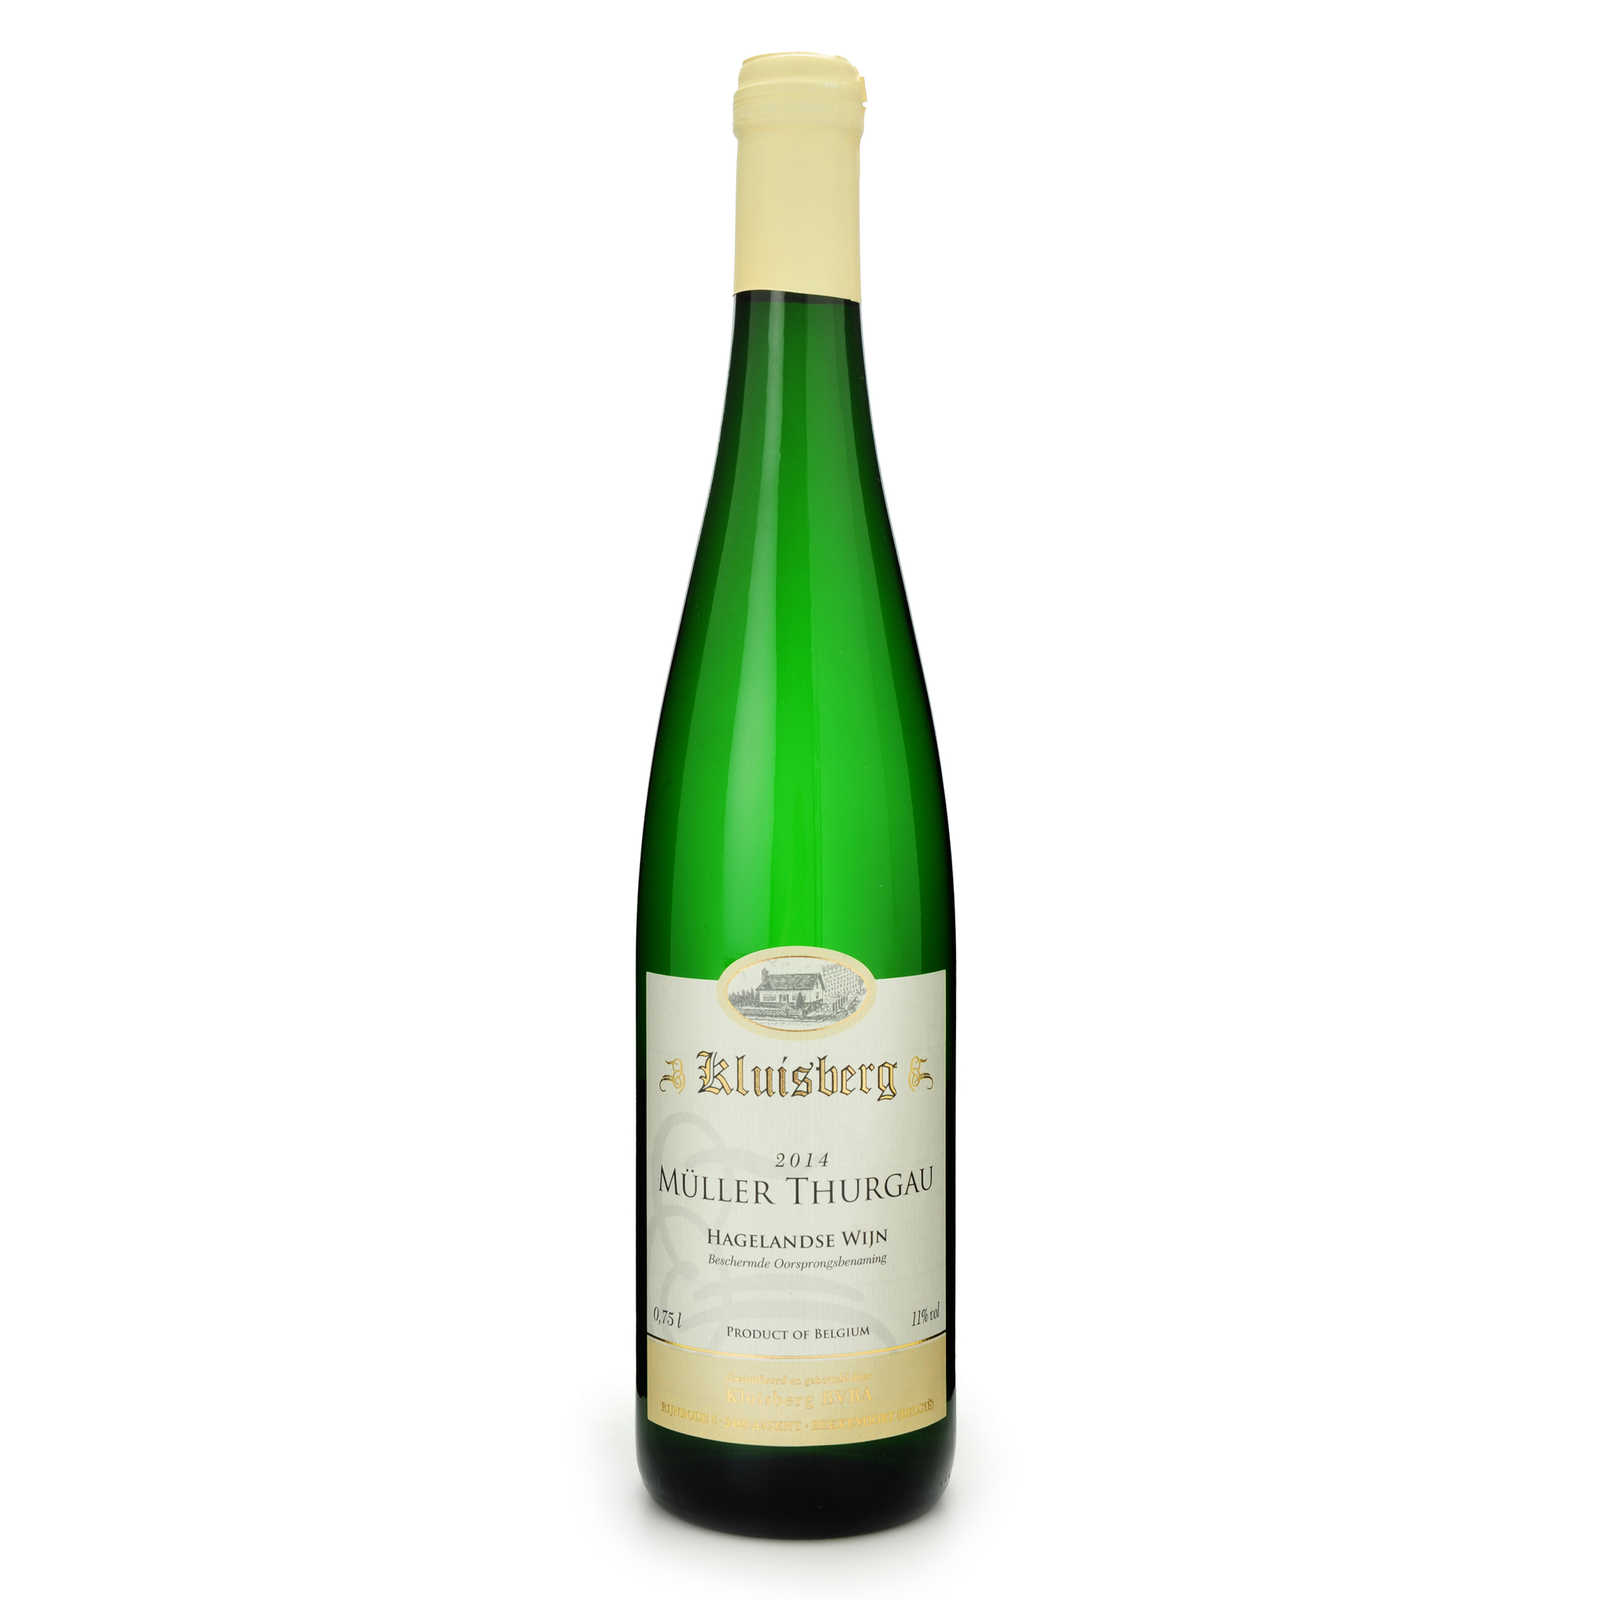 Kluisberg Müller Thurgau